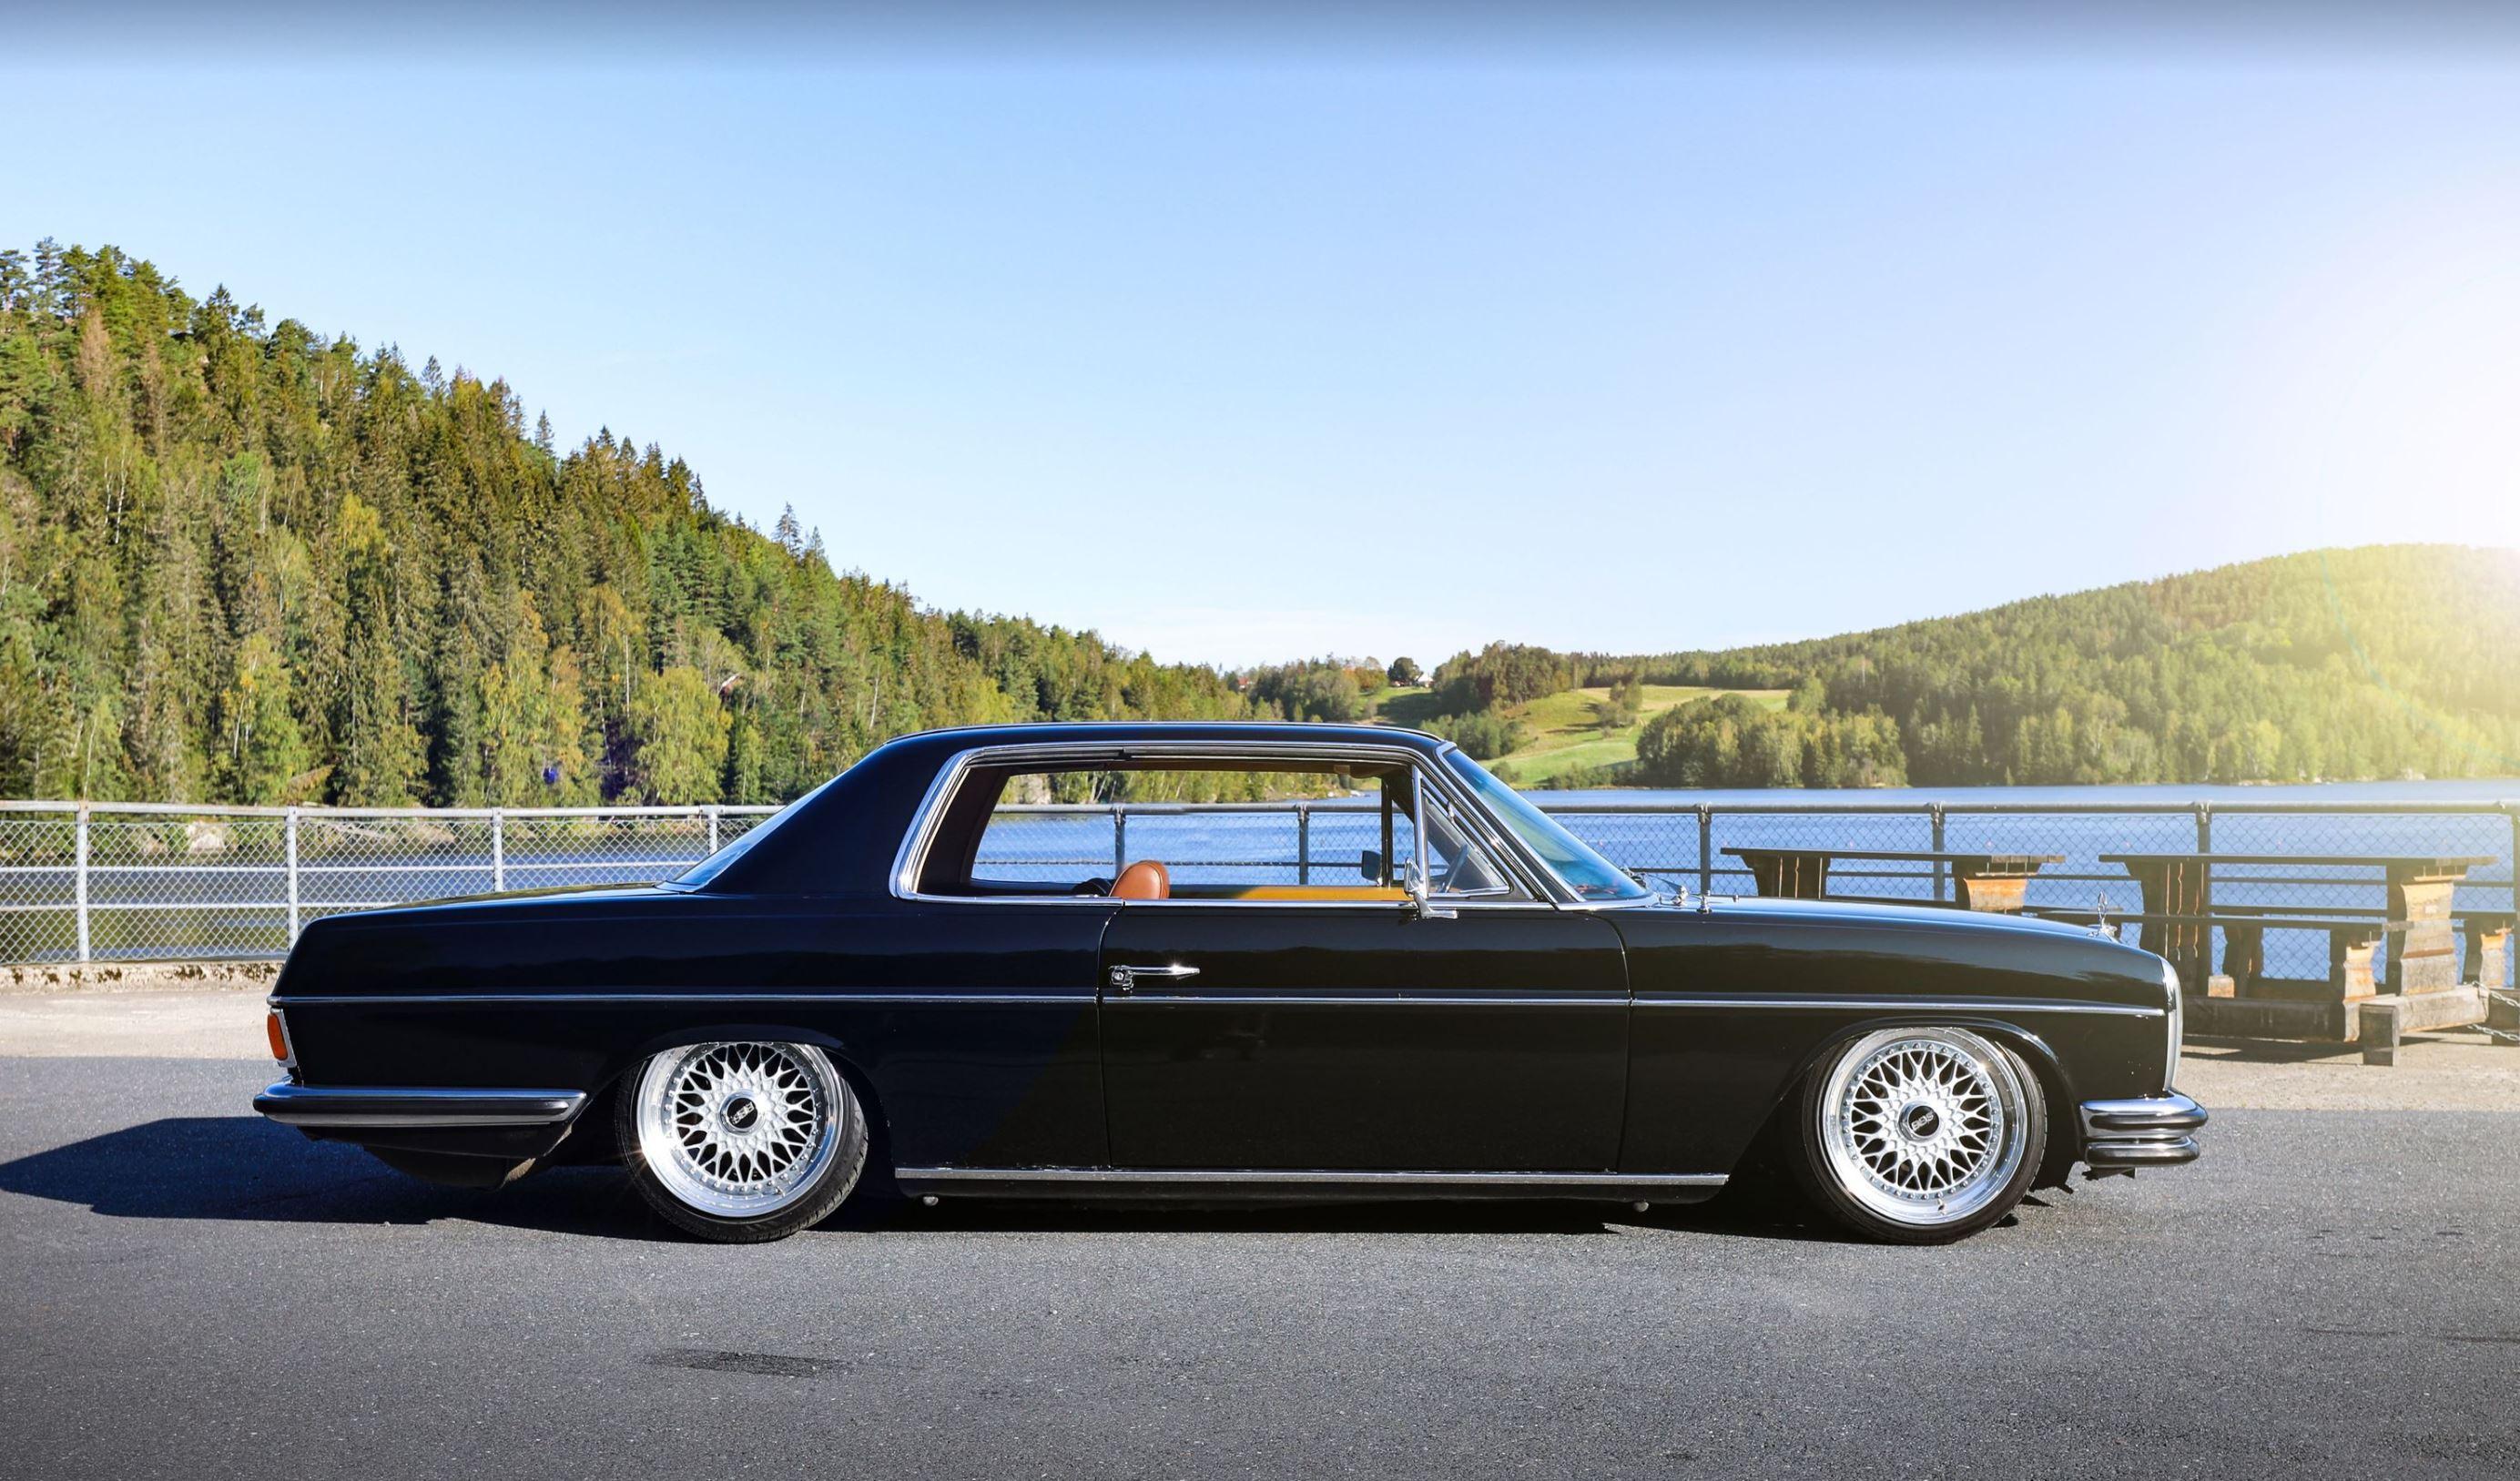 Ettermarkedet har elsket BBS-felger siden de kom for 40 år siden. Jan-Robert Staås sin 1969 Mercedes 250 C er et bevis på det!